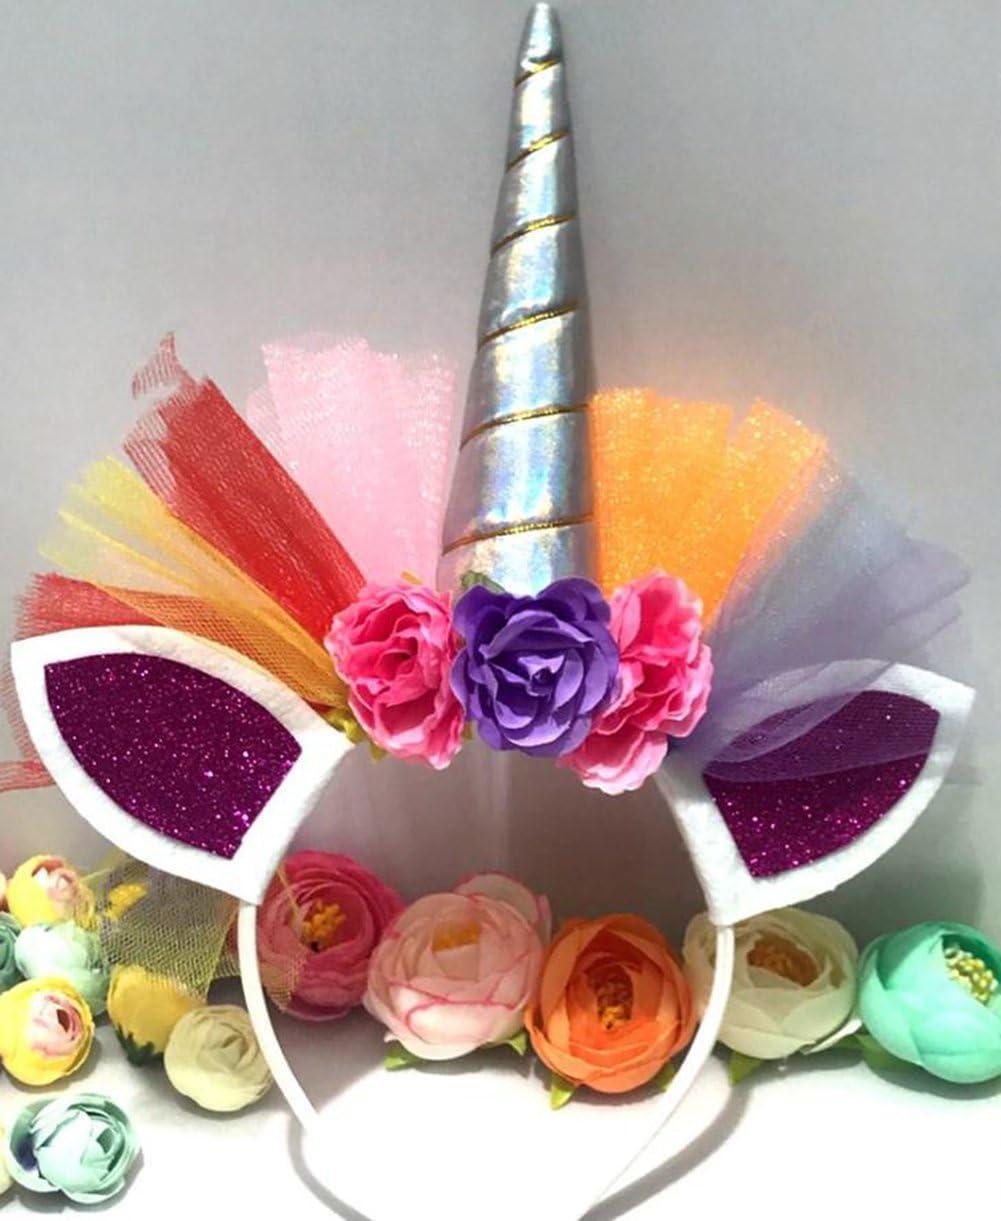 Qifumaer Licorne Corne Bandeau Cheveux Cosplay Costume pour Anniversaire C/él/ébration Party Festivals